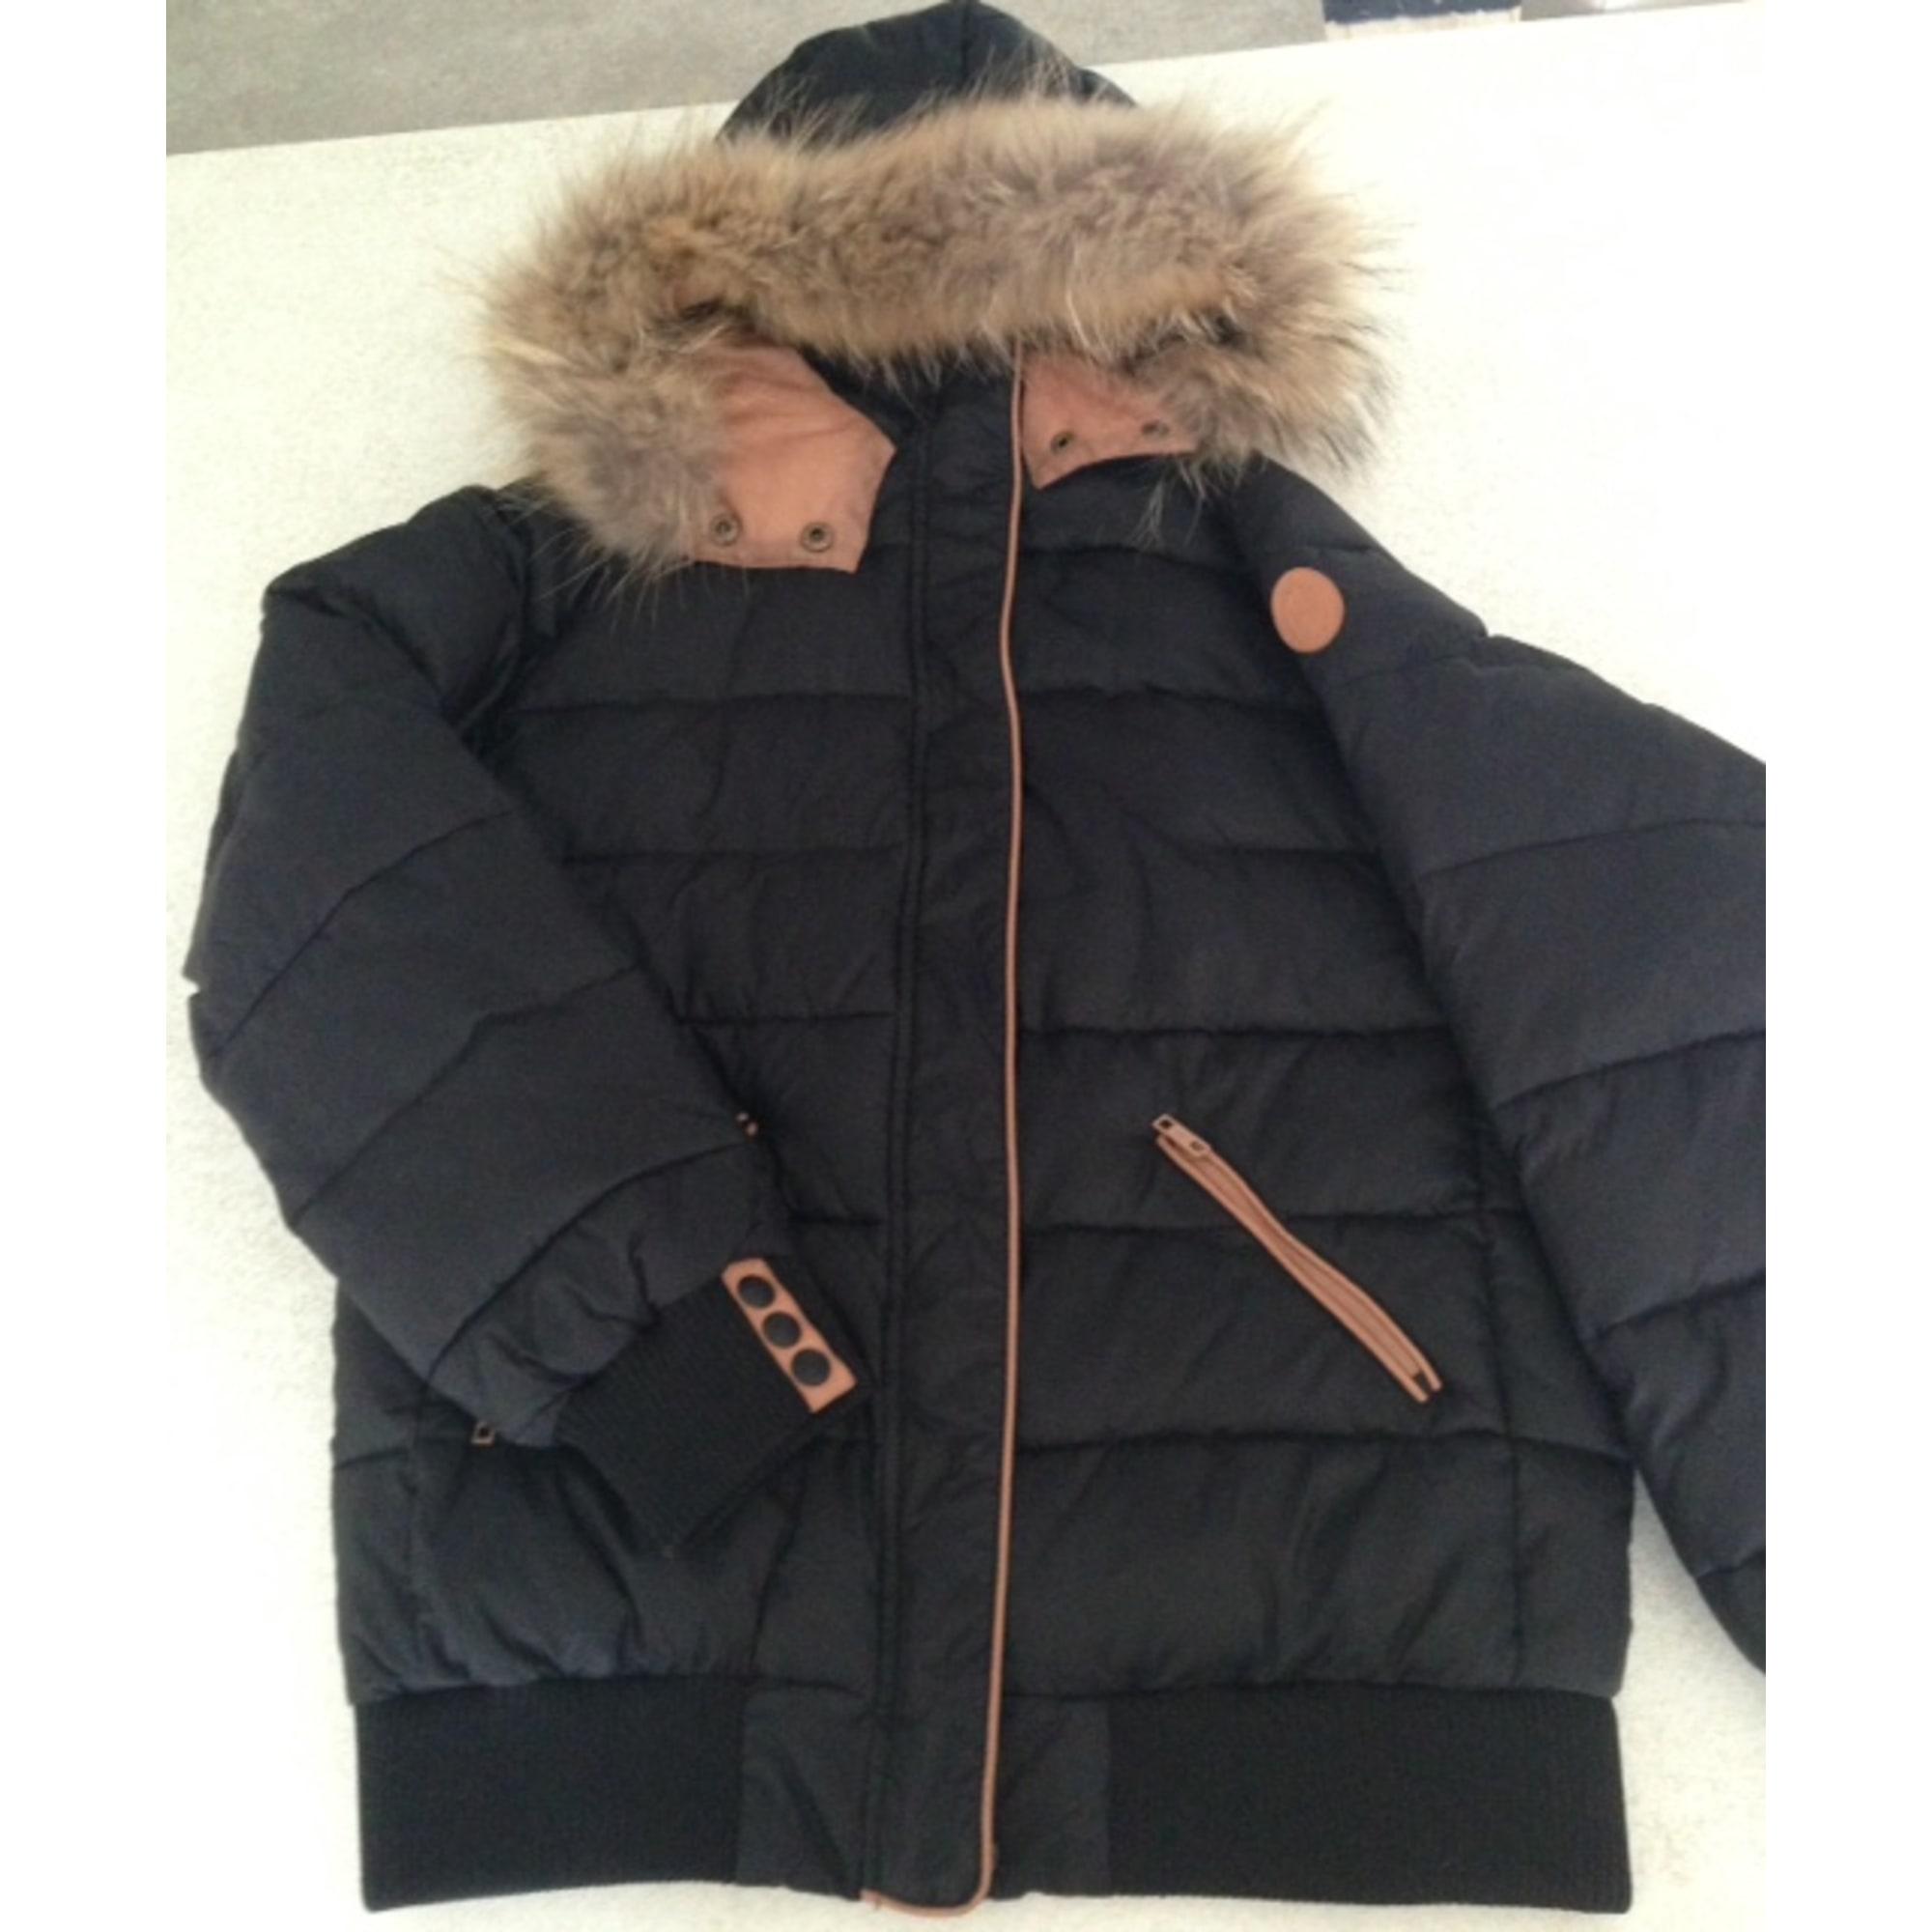 Doudoune GERTRUDE 42 (L XL, T4) noir vendu par Mandine - 3332945 74149f9ec5d3